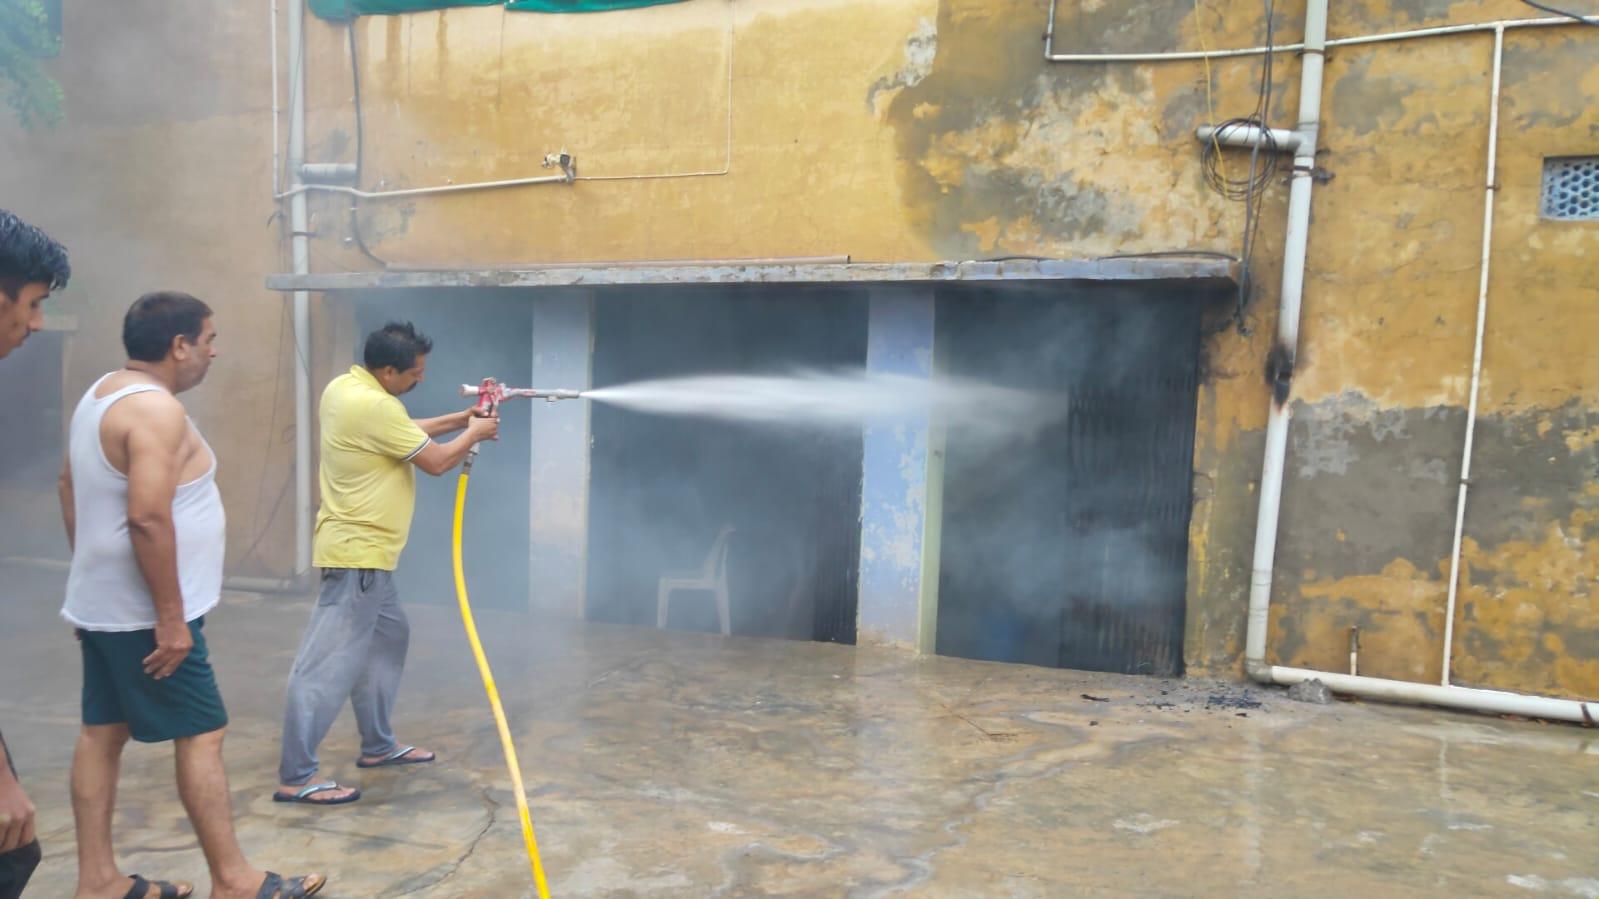 श्रीगंगानगर के केसरीसिंहपुर में वेयर हाउस में लगी आग बुझाते फयरकर्मी। - Dainik Bhaskar